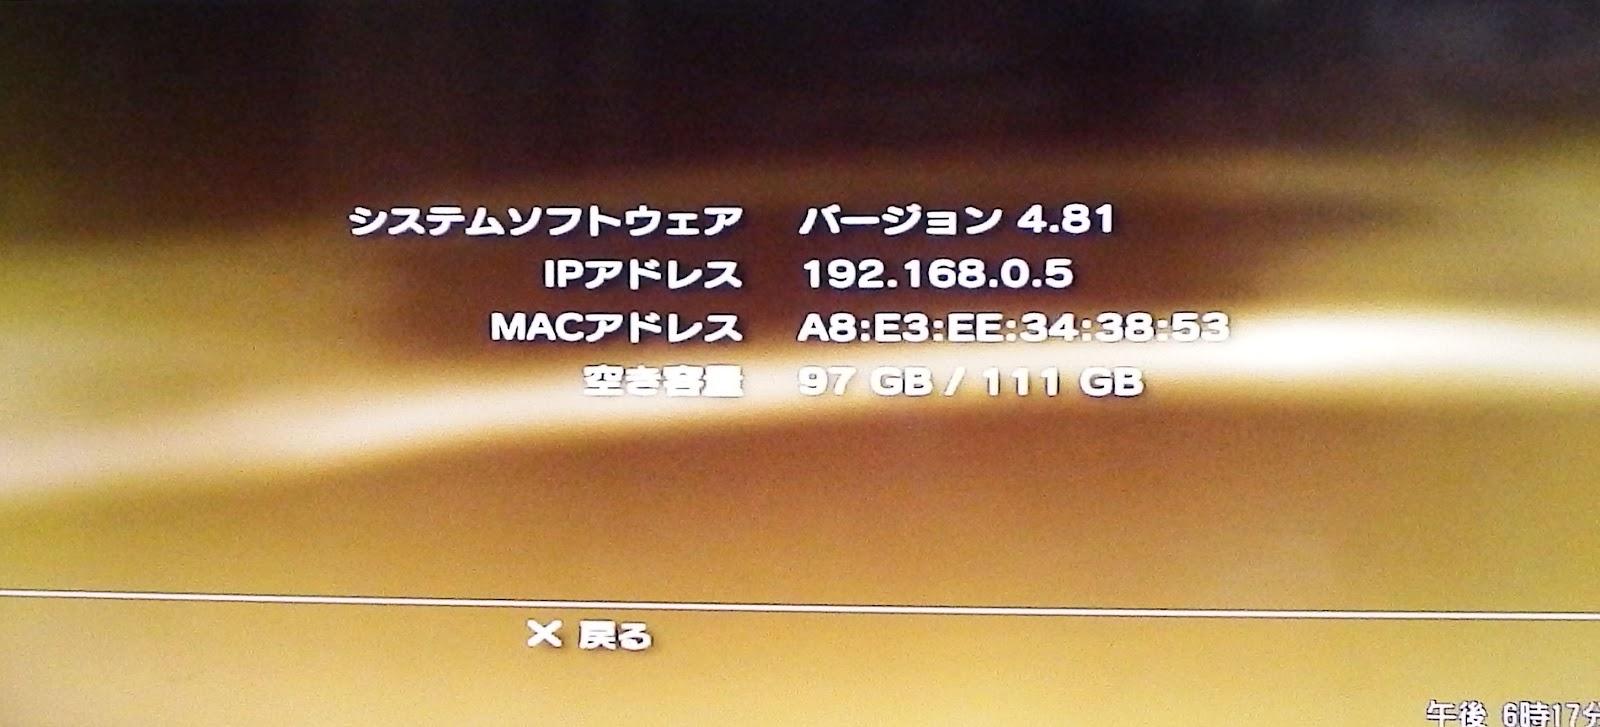 DSCF2295.JPG